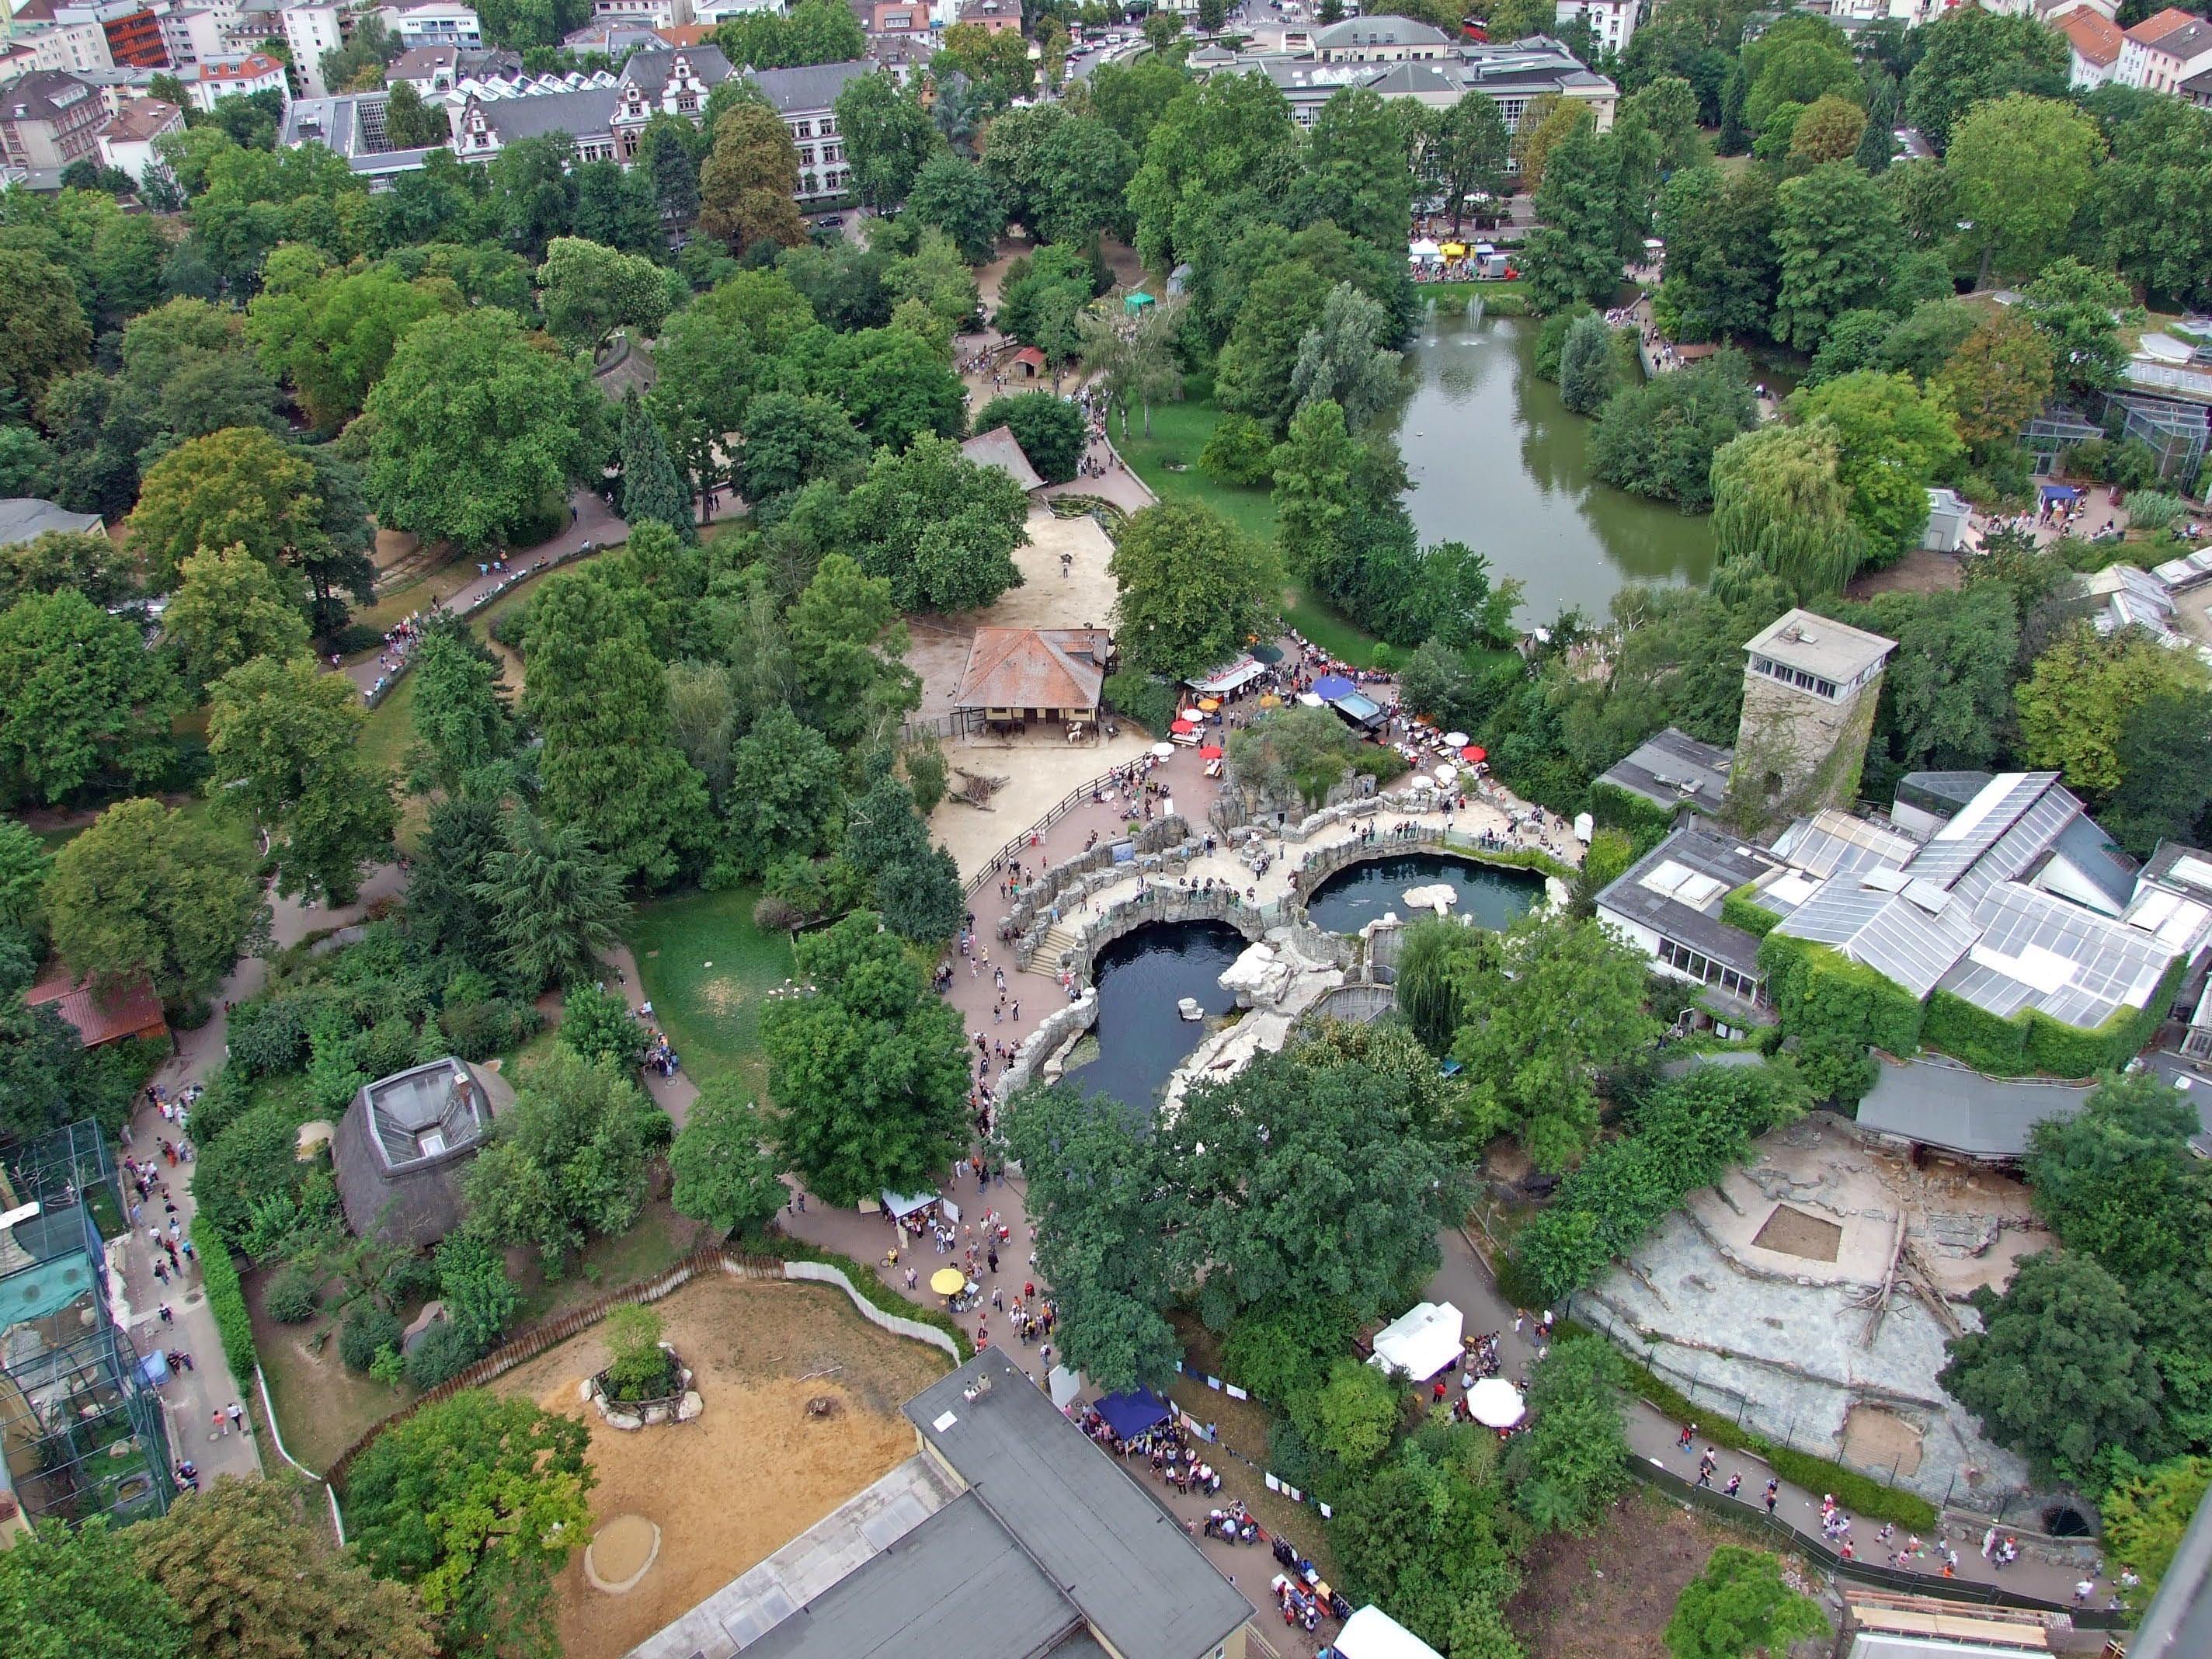 Zoologischer Garten Frankfurt